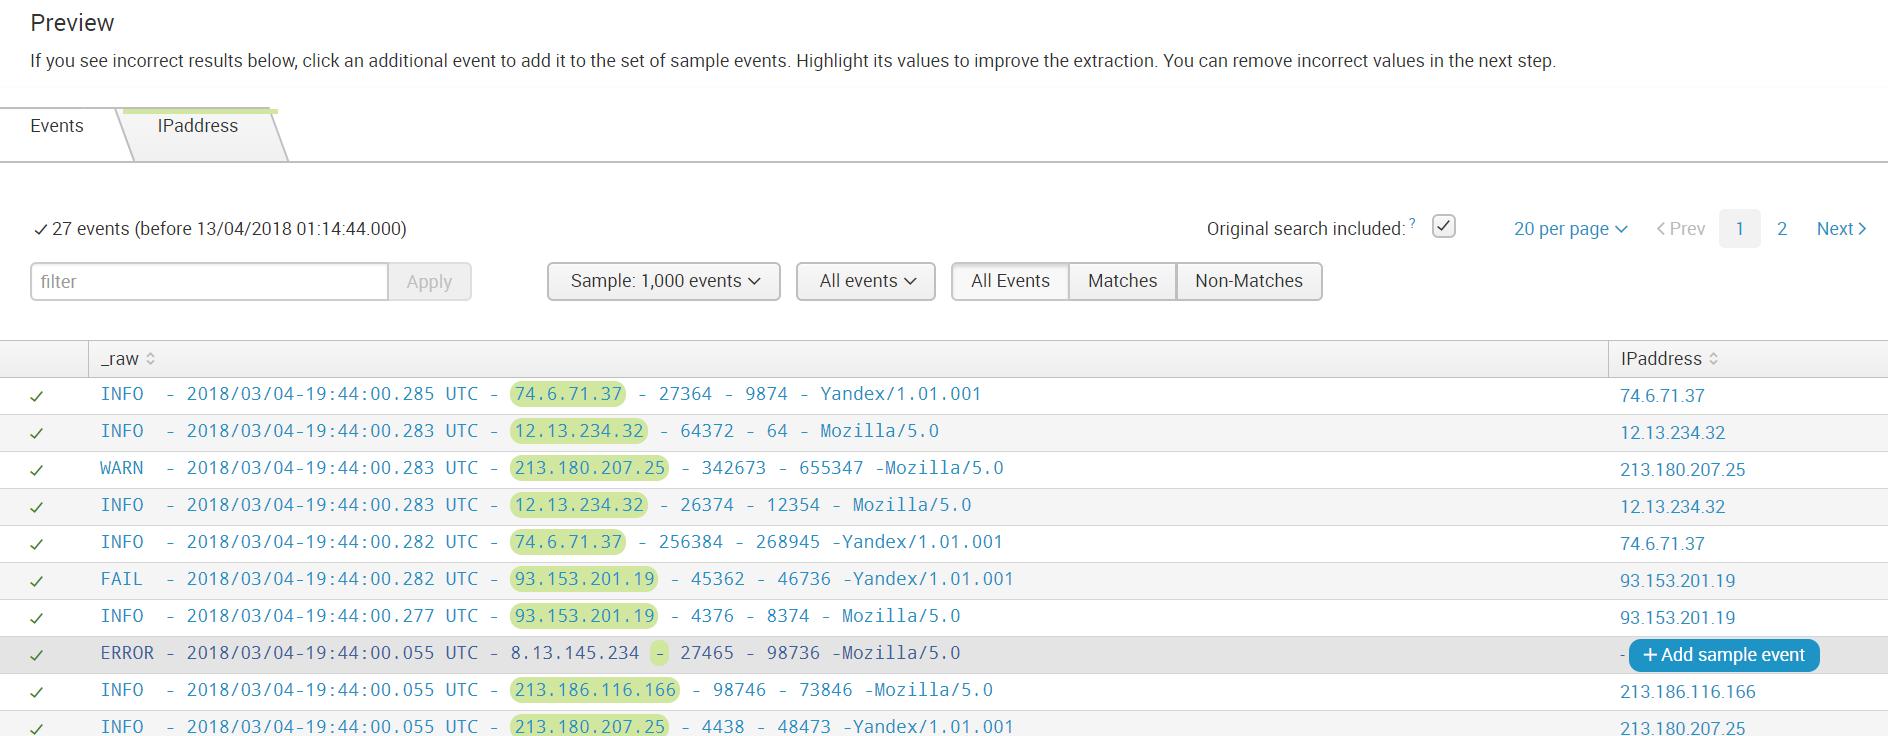 Как загрузить нестандартный лог в Splunk + логи Fortinet - 13